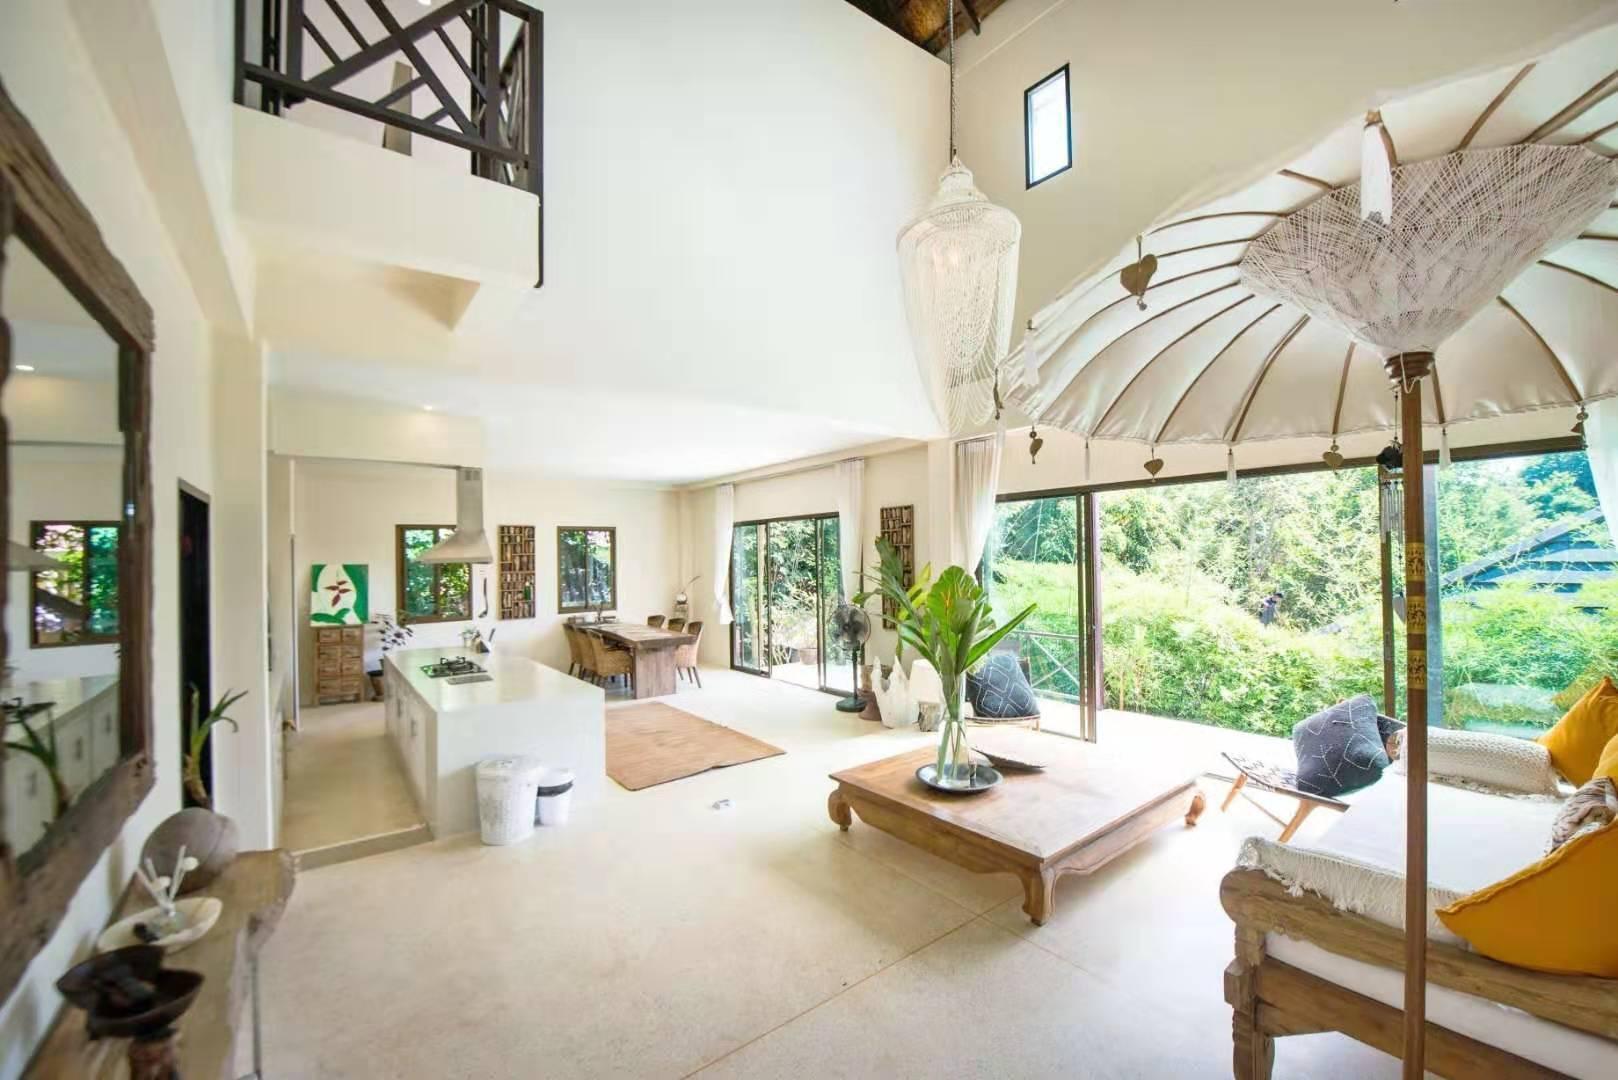 Teak Hill Pool Villa - Rosewood วิลลา 3 ห้องนอน 3 ห้องน้ำส่วนตัว ขนาด 300 ตร.ม. – เกาะช้างใต้